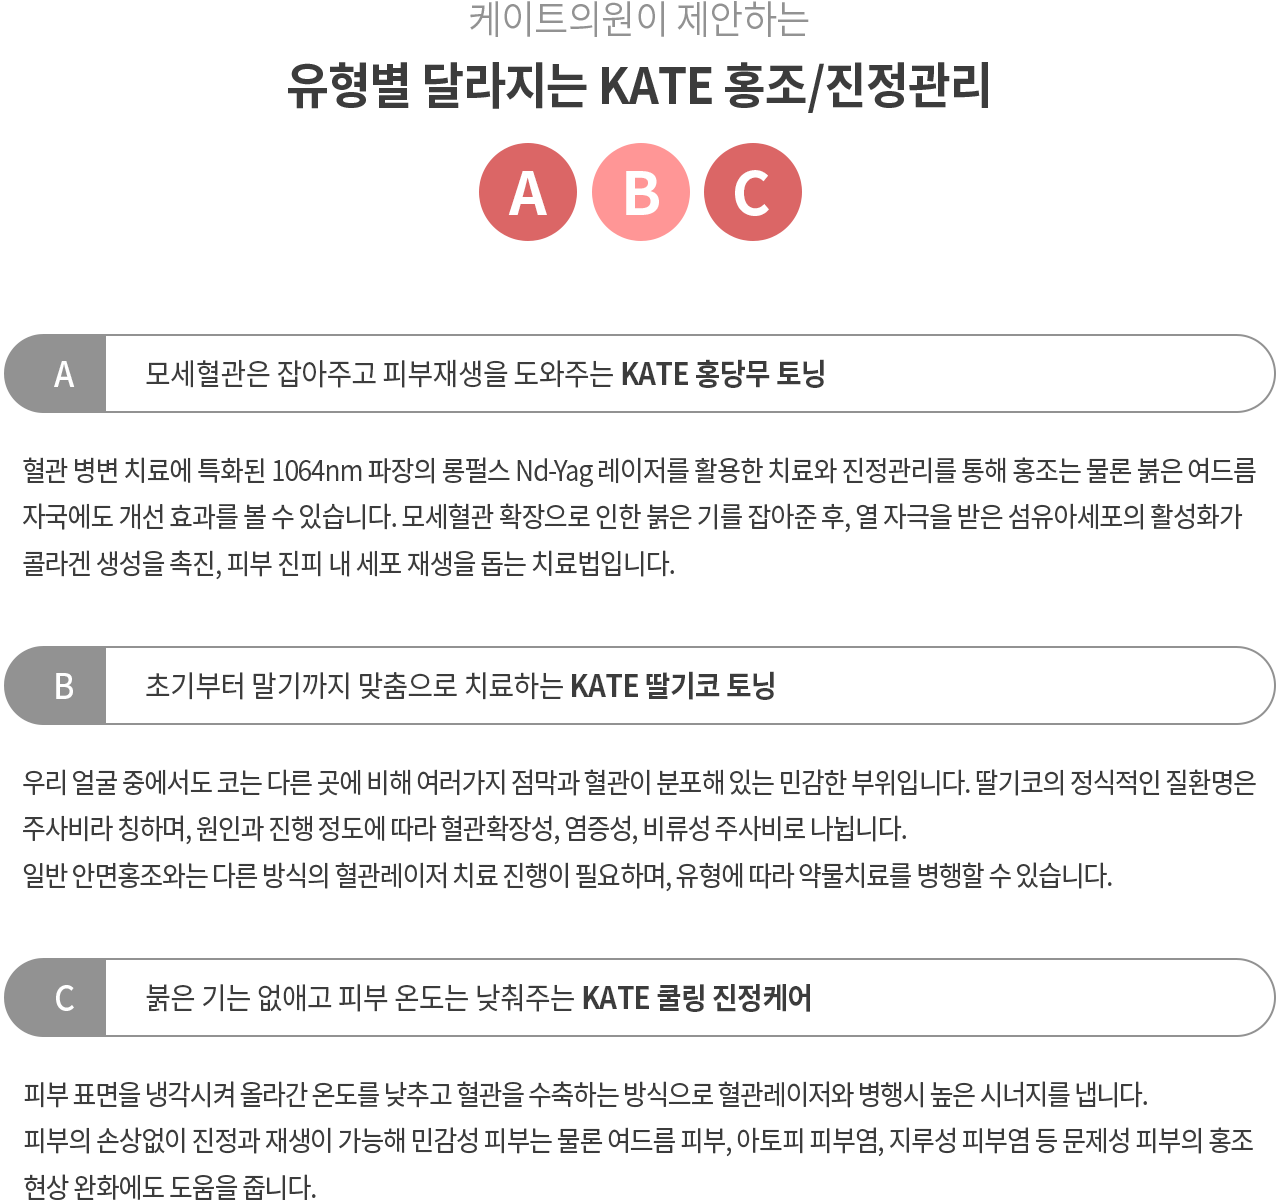 홍조/진정